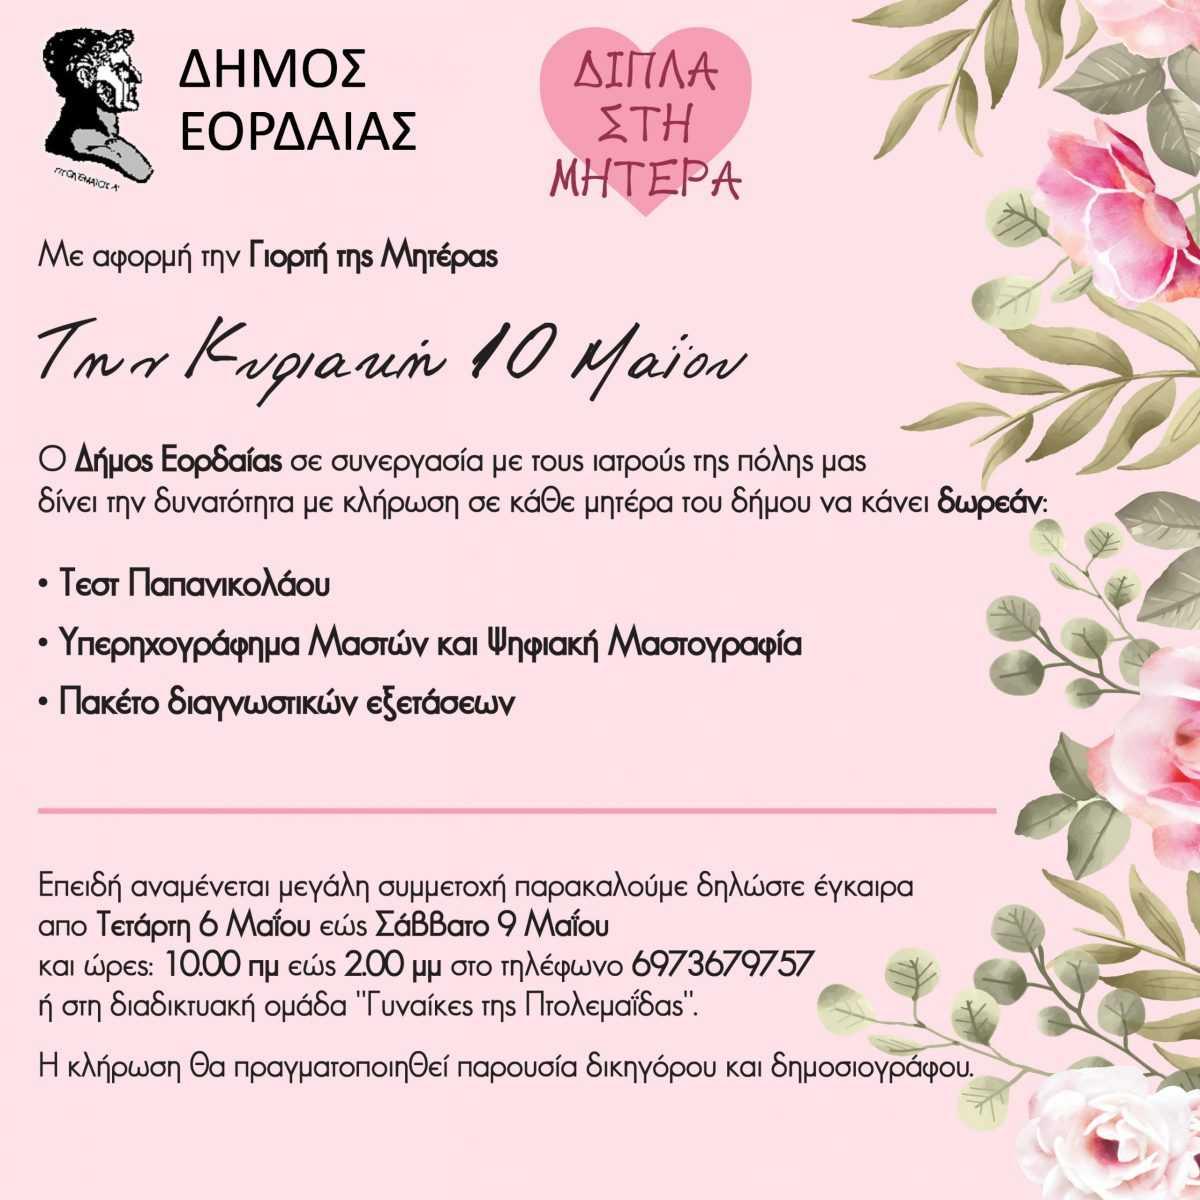 Δωρεάν ιατρικές υπηρεσίες σε κάθε μητέρα από το δήμο Εορδαίας και τους γιατρούς της πόλης, με αφορμή τη γιορτή της μητέρας